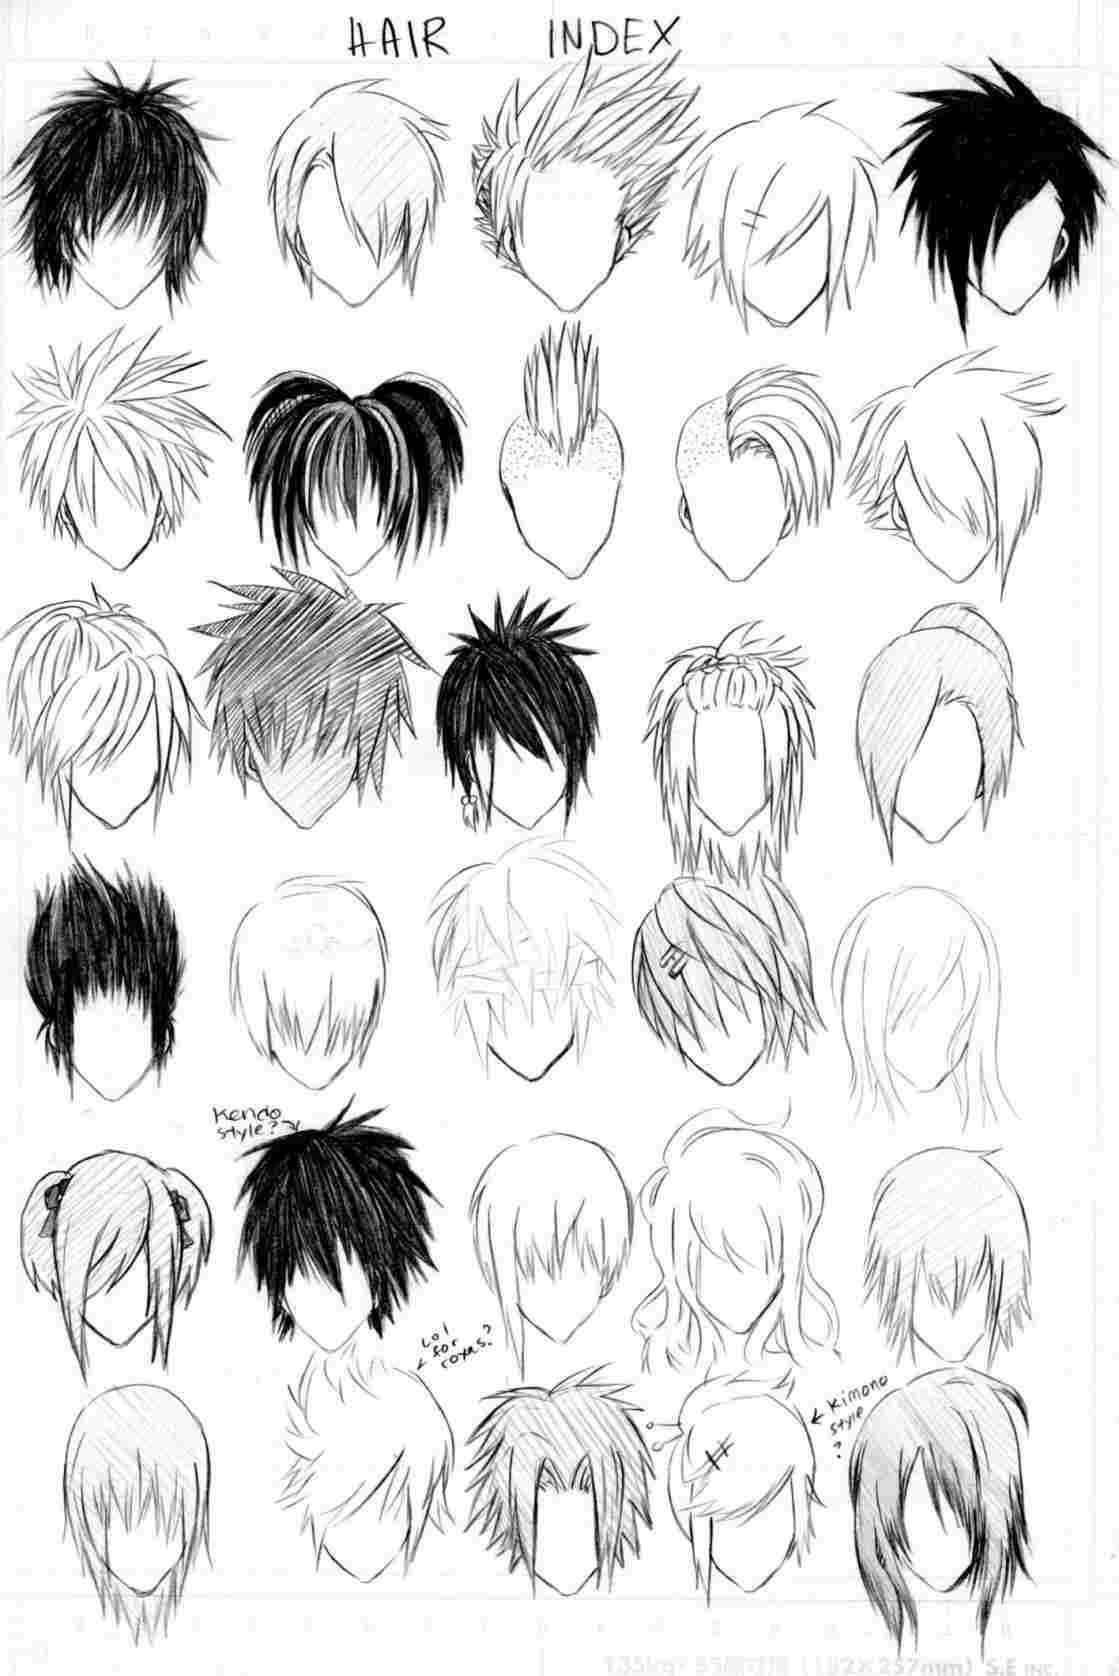 Die Jungen Frisuren Die Bei Paintingvalleycom Zeichnen Erforschen Sammlung Von Shavedhairstyles In 2020 Manga Hair Manga Drawing How To Draw Hair